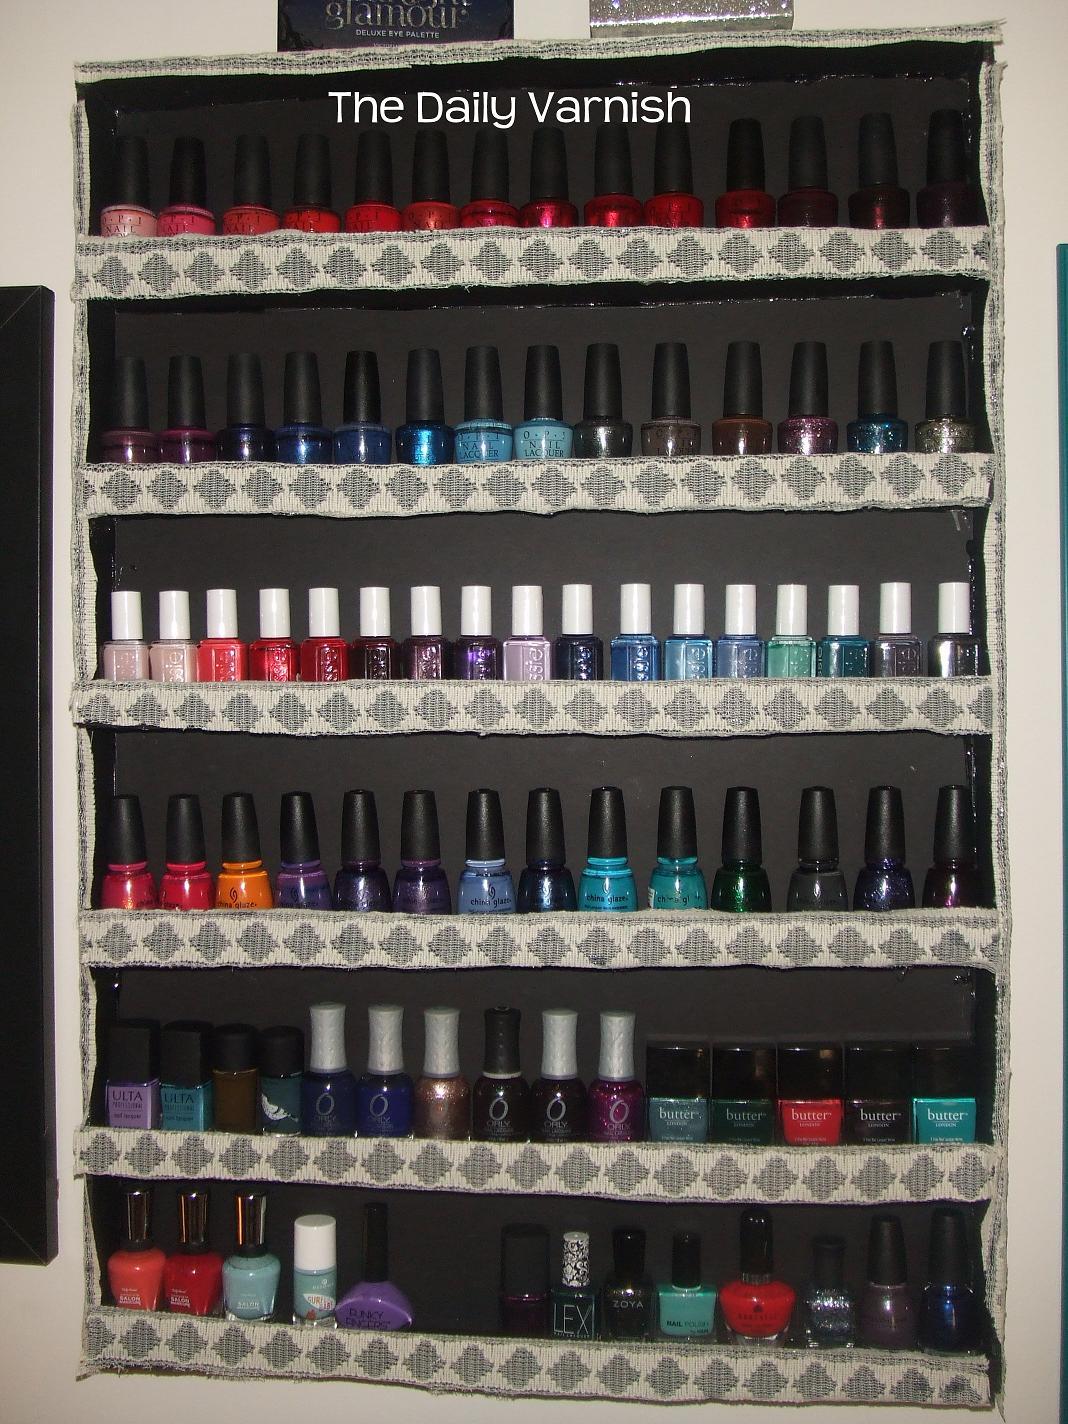 Nail Polish Storage And Organization 2012 The Daily Varnish